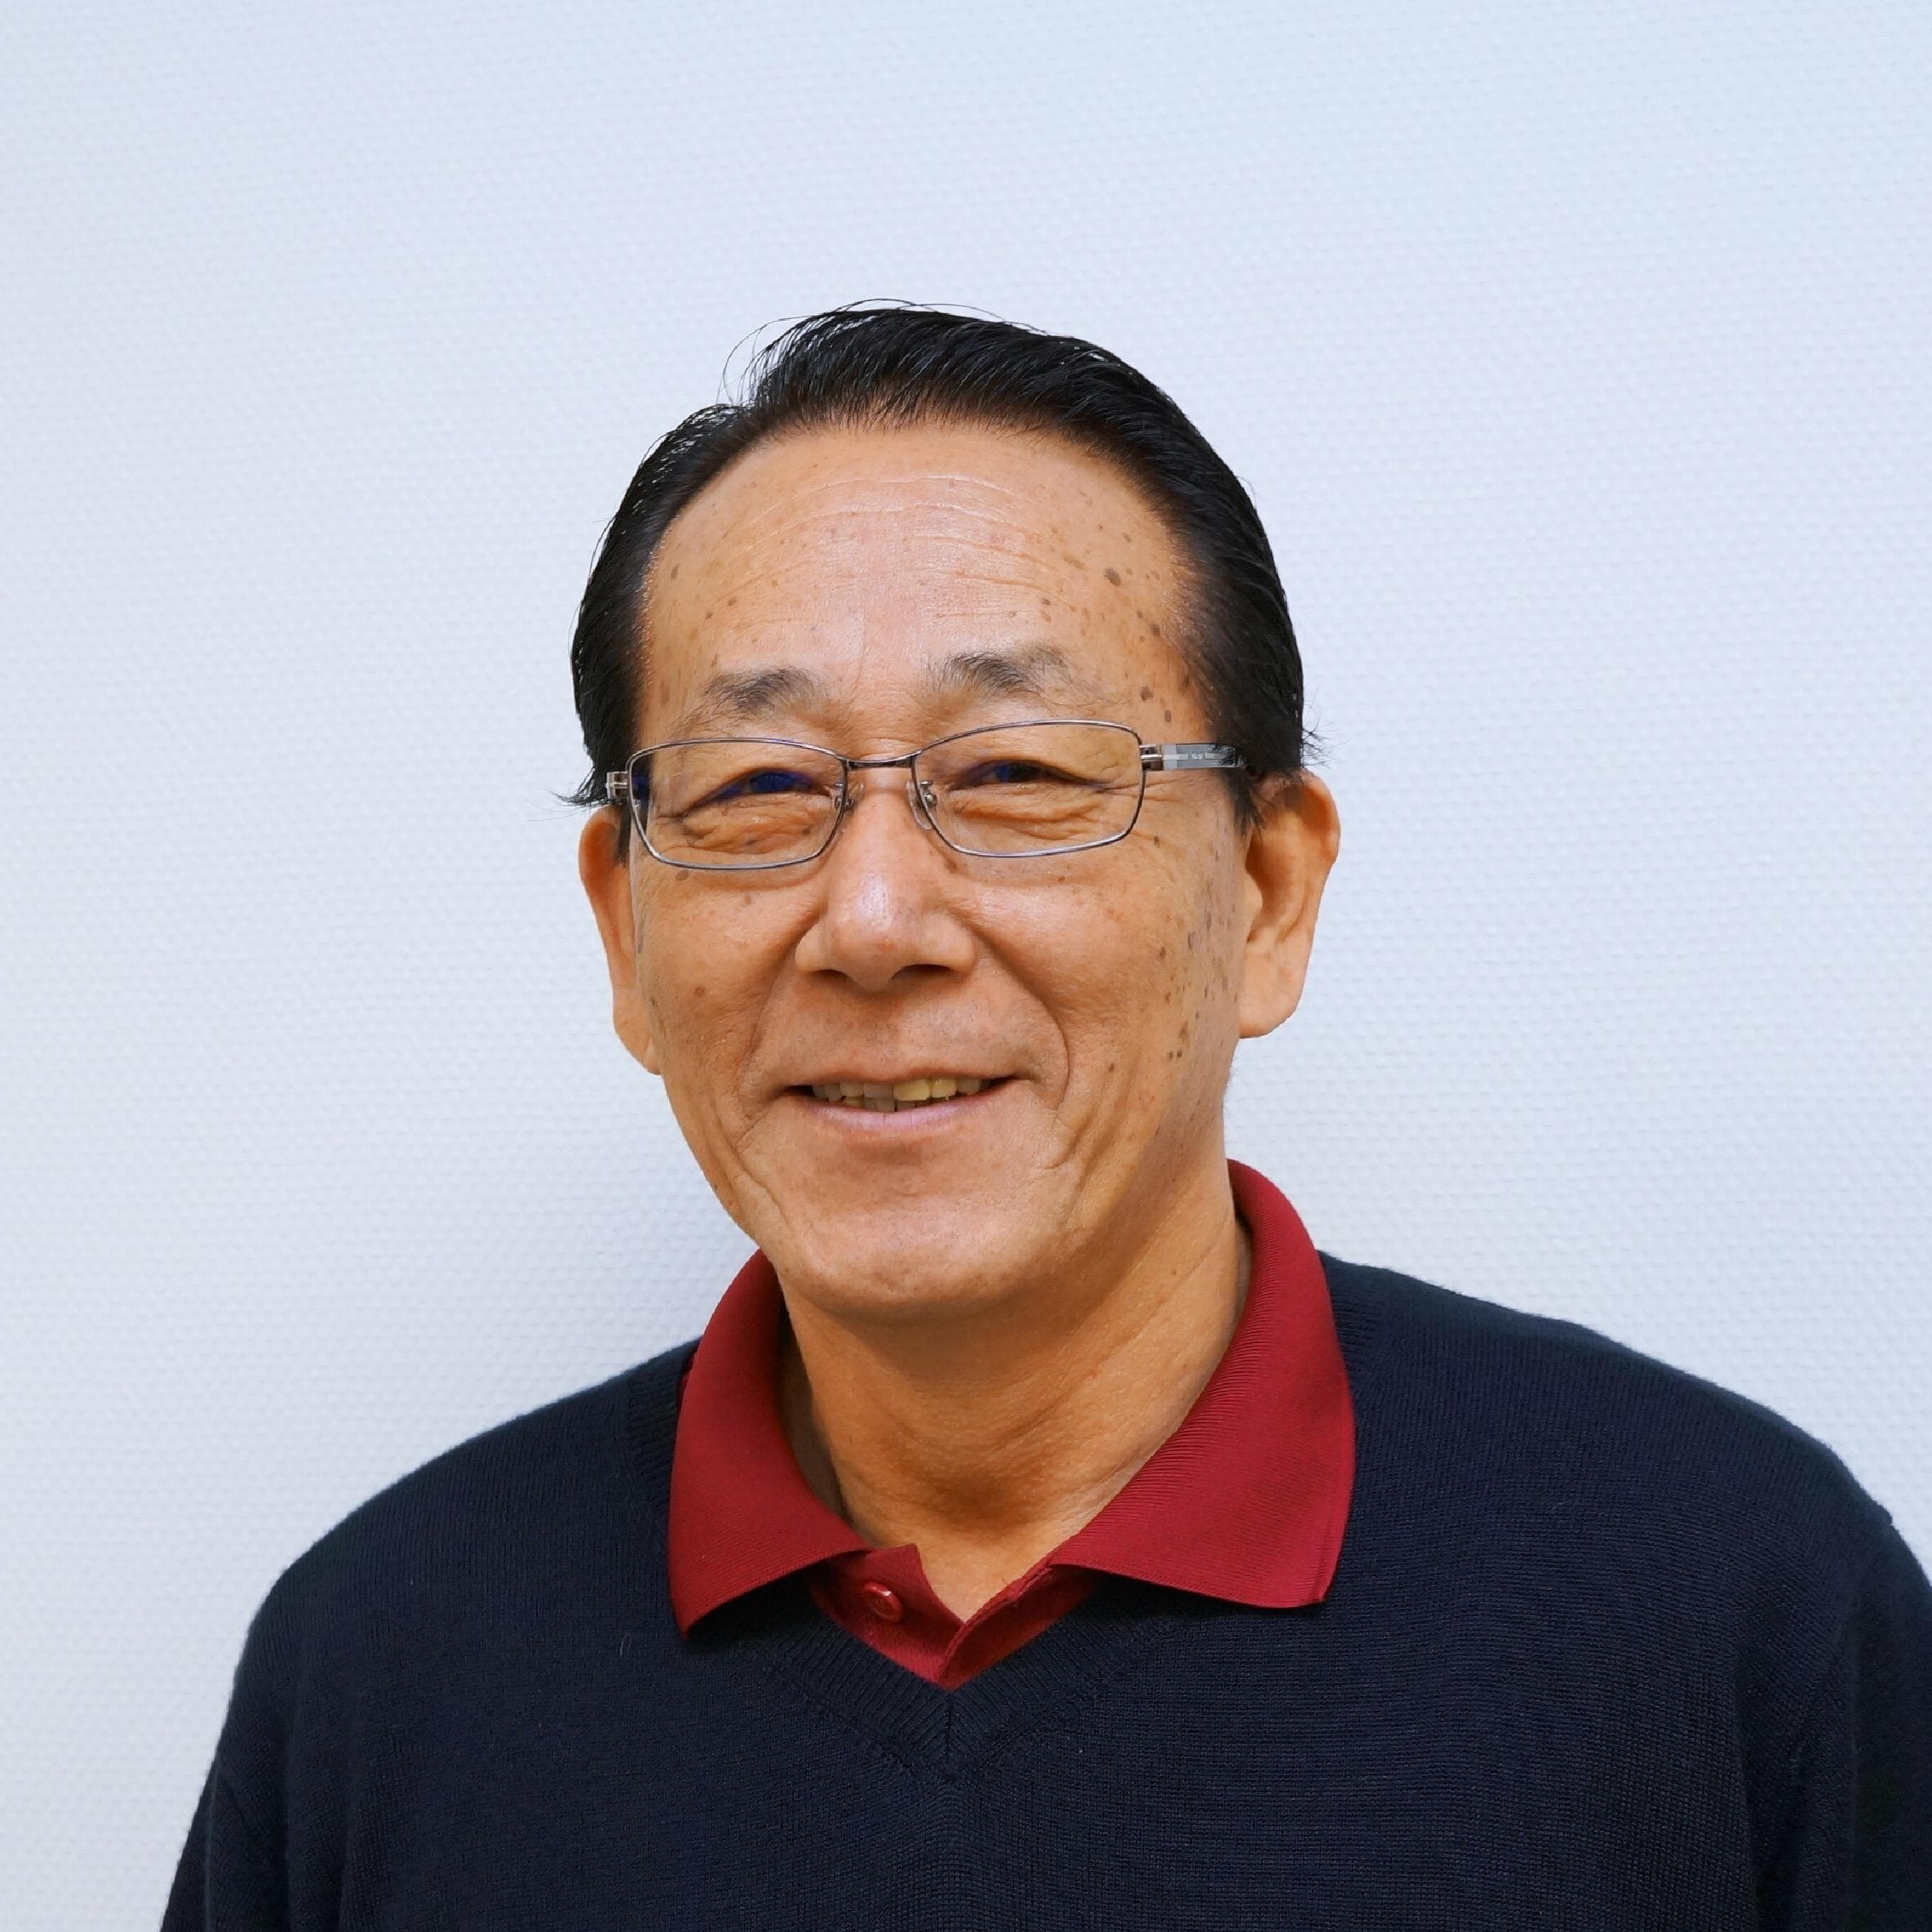 ホームインスペクター 田中 勝美